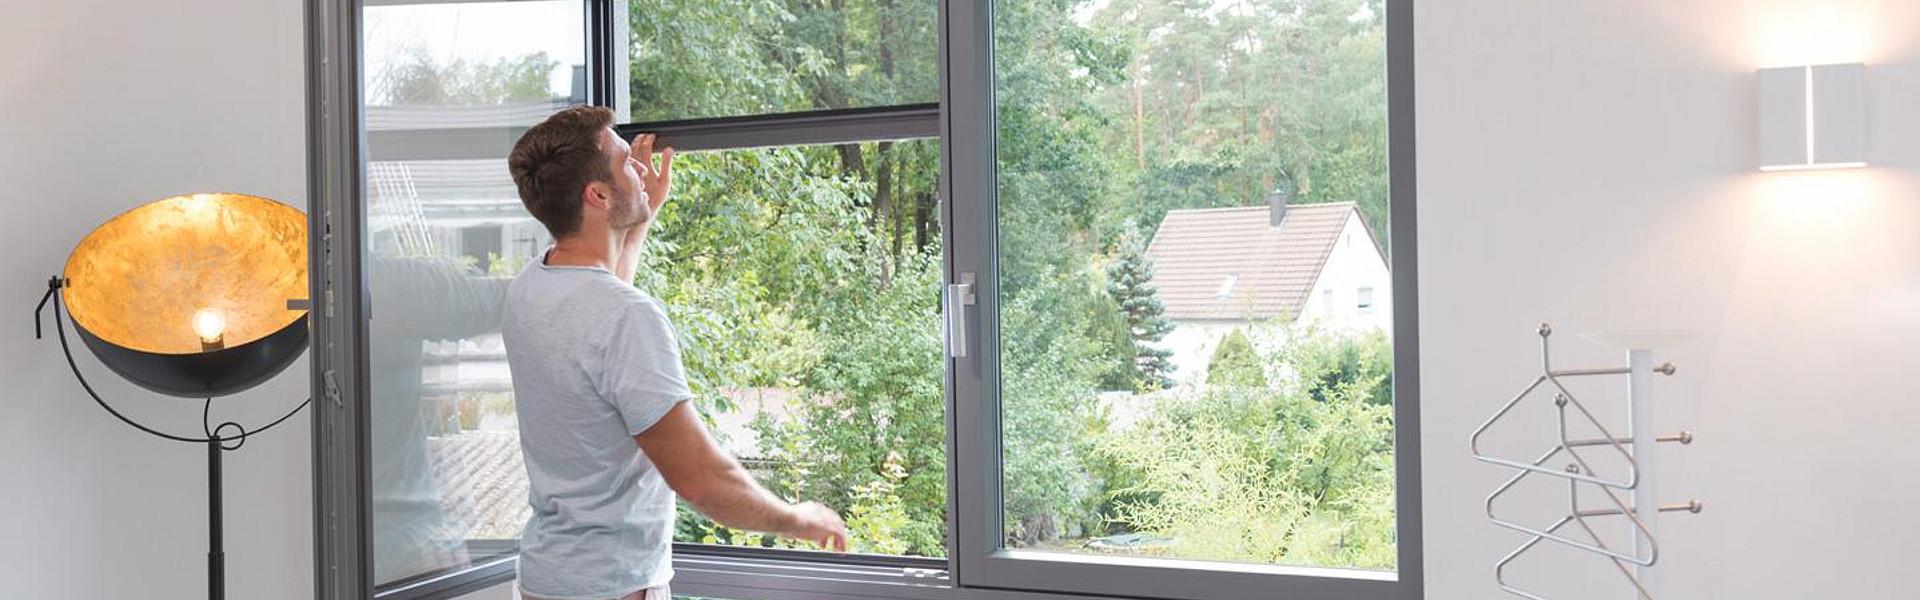 Full Size of Insektenschutzrollo Fr Fenster Lmmermann Absturzsicherung Folien Für Alu Velux Preise Trier Einbruchsichere 3 Fach Verglasung Internorm Fliegennetz Polnische Fenster Fenster Rollos